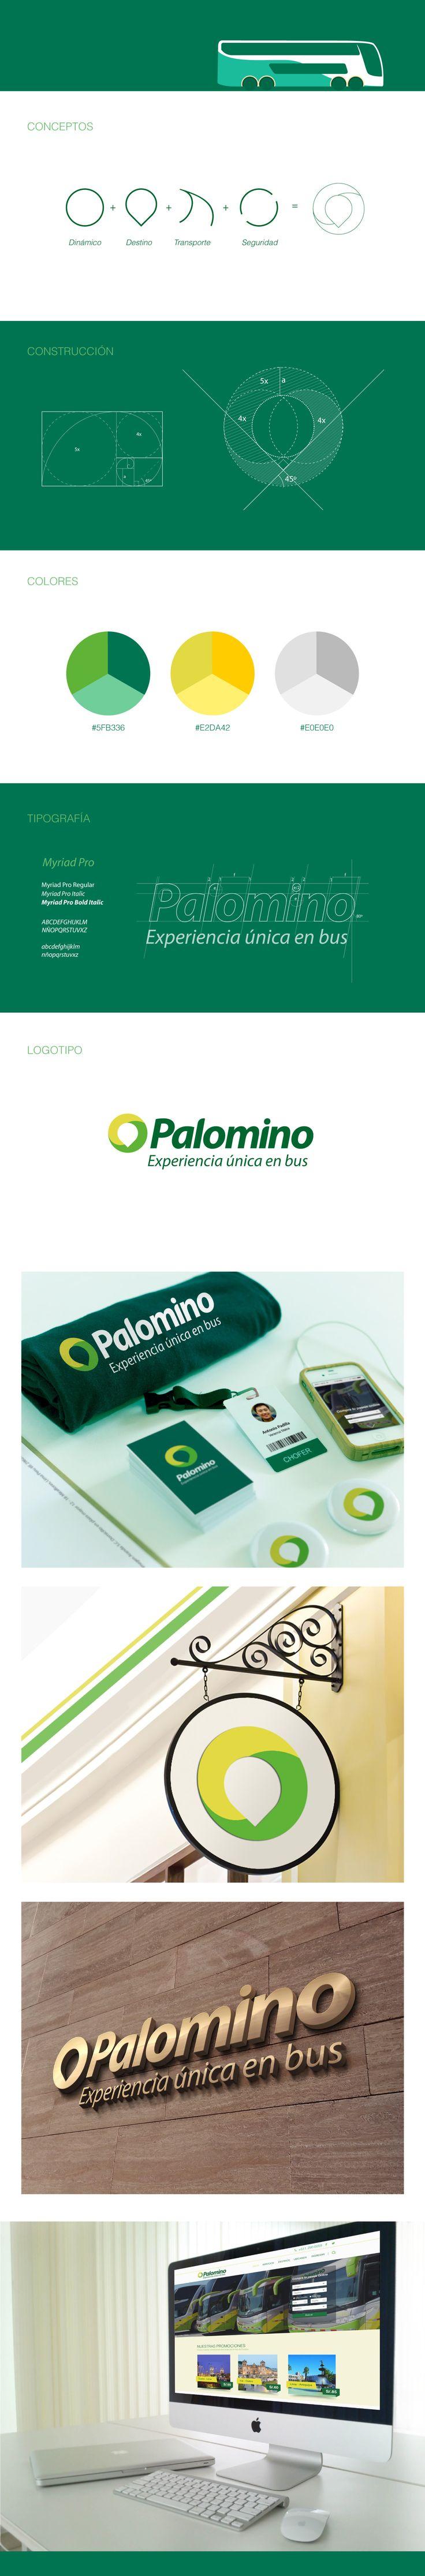 Palomino es una empresa de transporte interprovincial, que recorre el sur de Perú, el objetivo de este proyecto, es generar el 30% de ventas Online, mediante lo cual se elaboro estrategia digital.